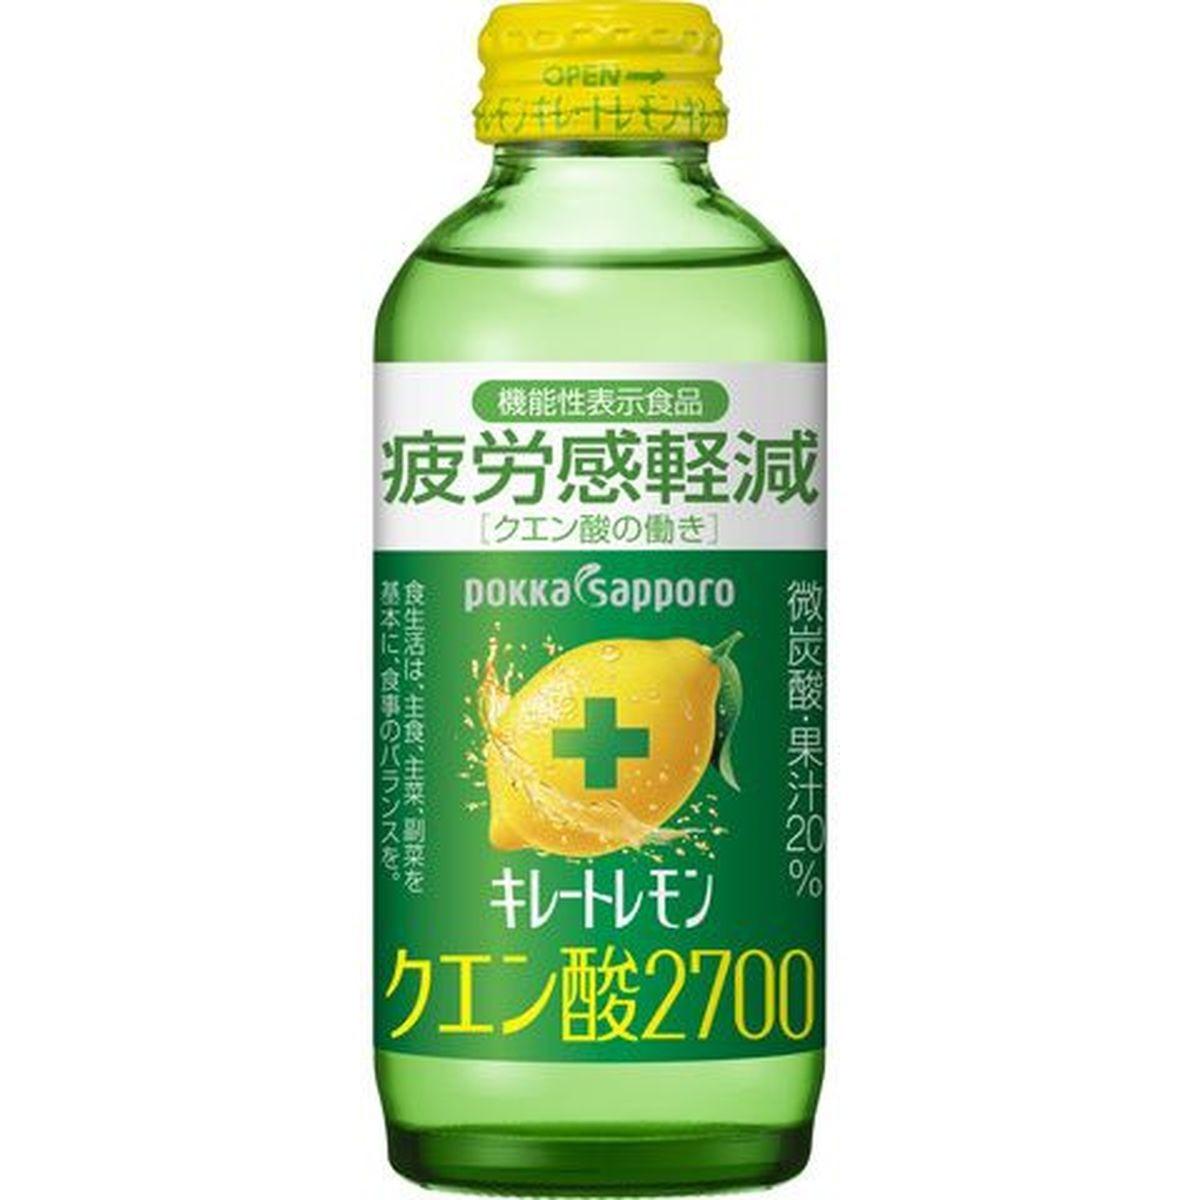 【6個入り】ポッカサッポロ キレートレモンクエン酸 瓶 155ml